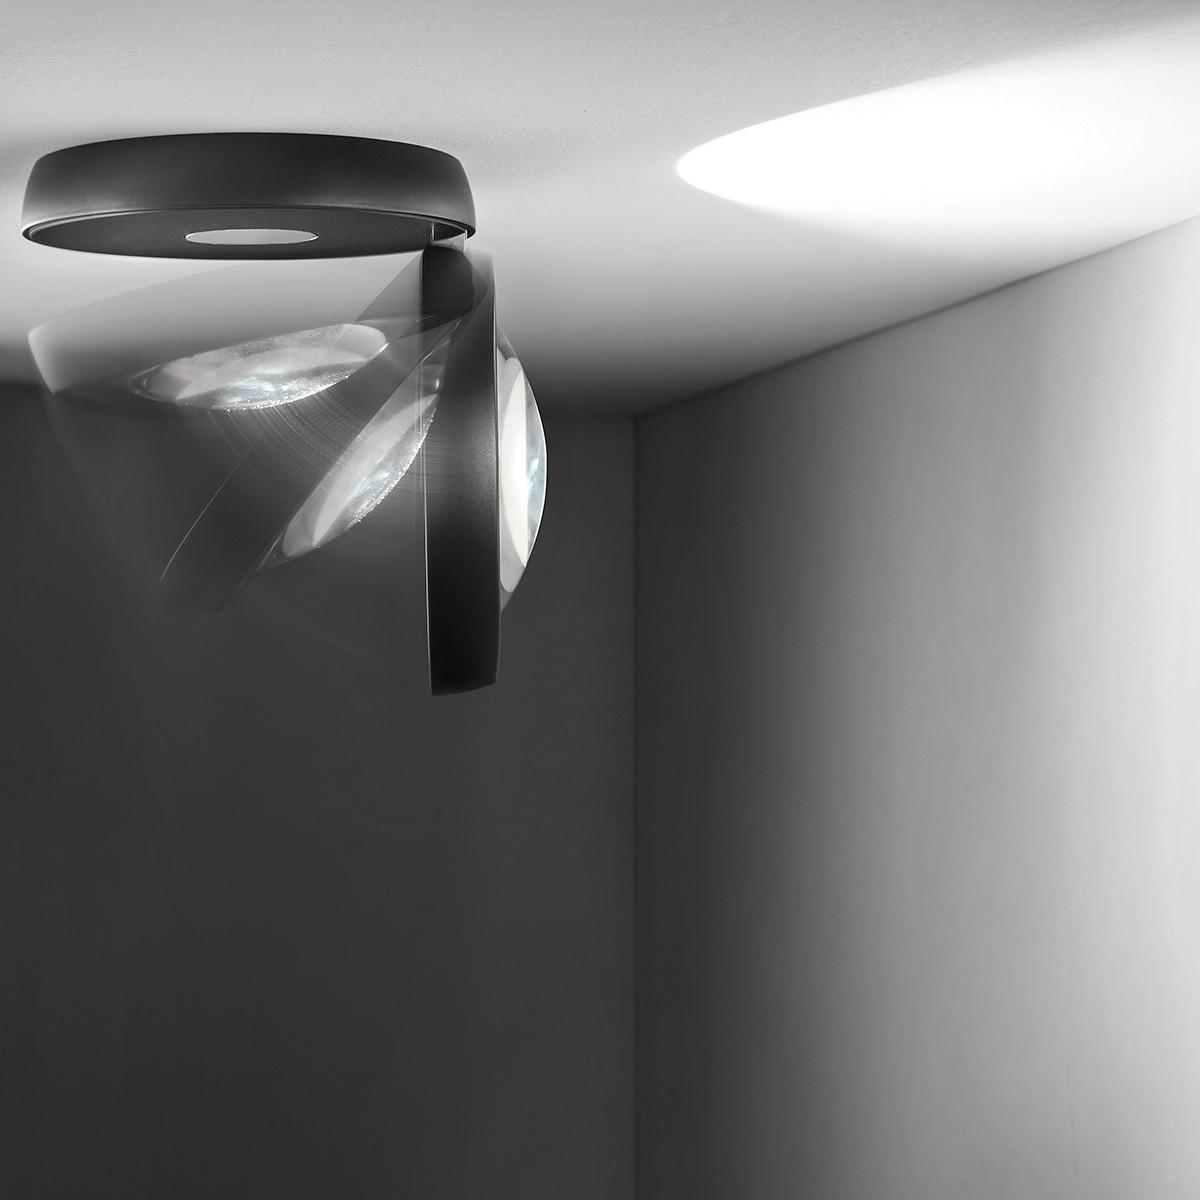 Studio Italia Design Nautilus Deckenleuchte, 2700 K, schwarz matt